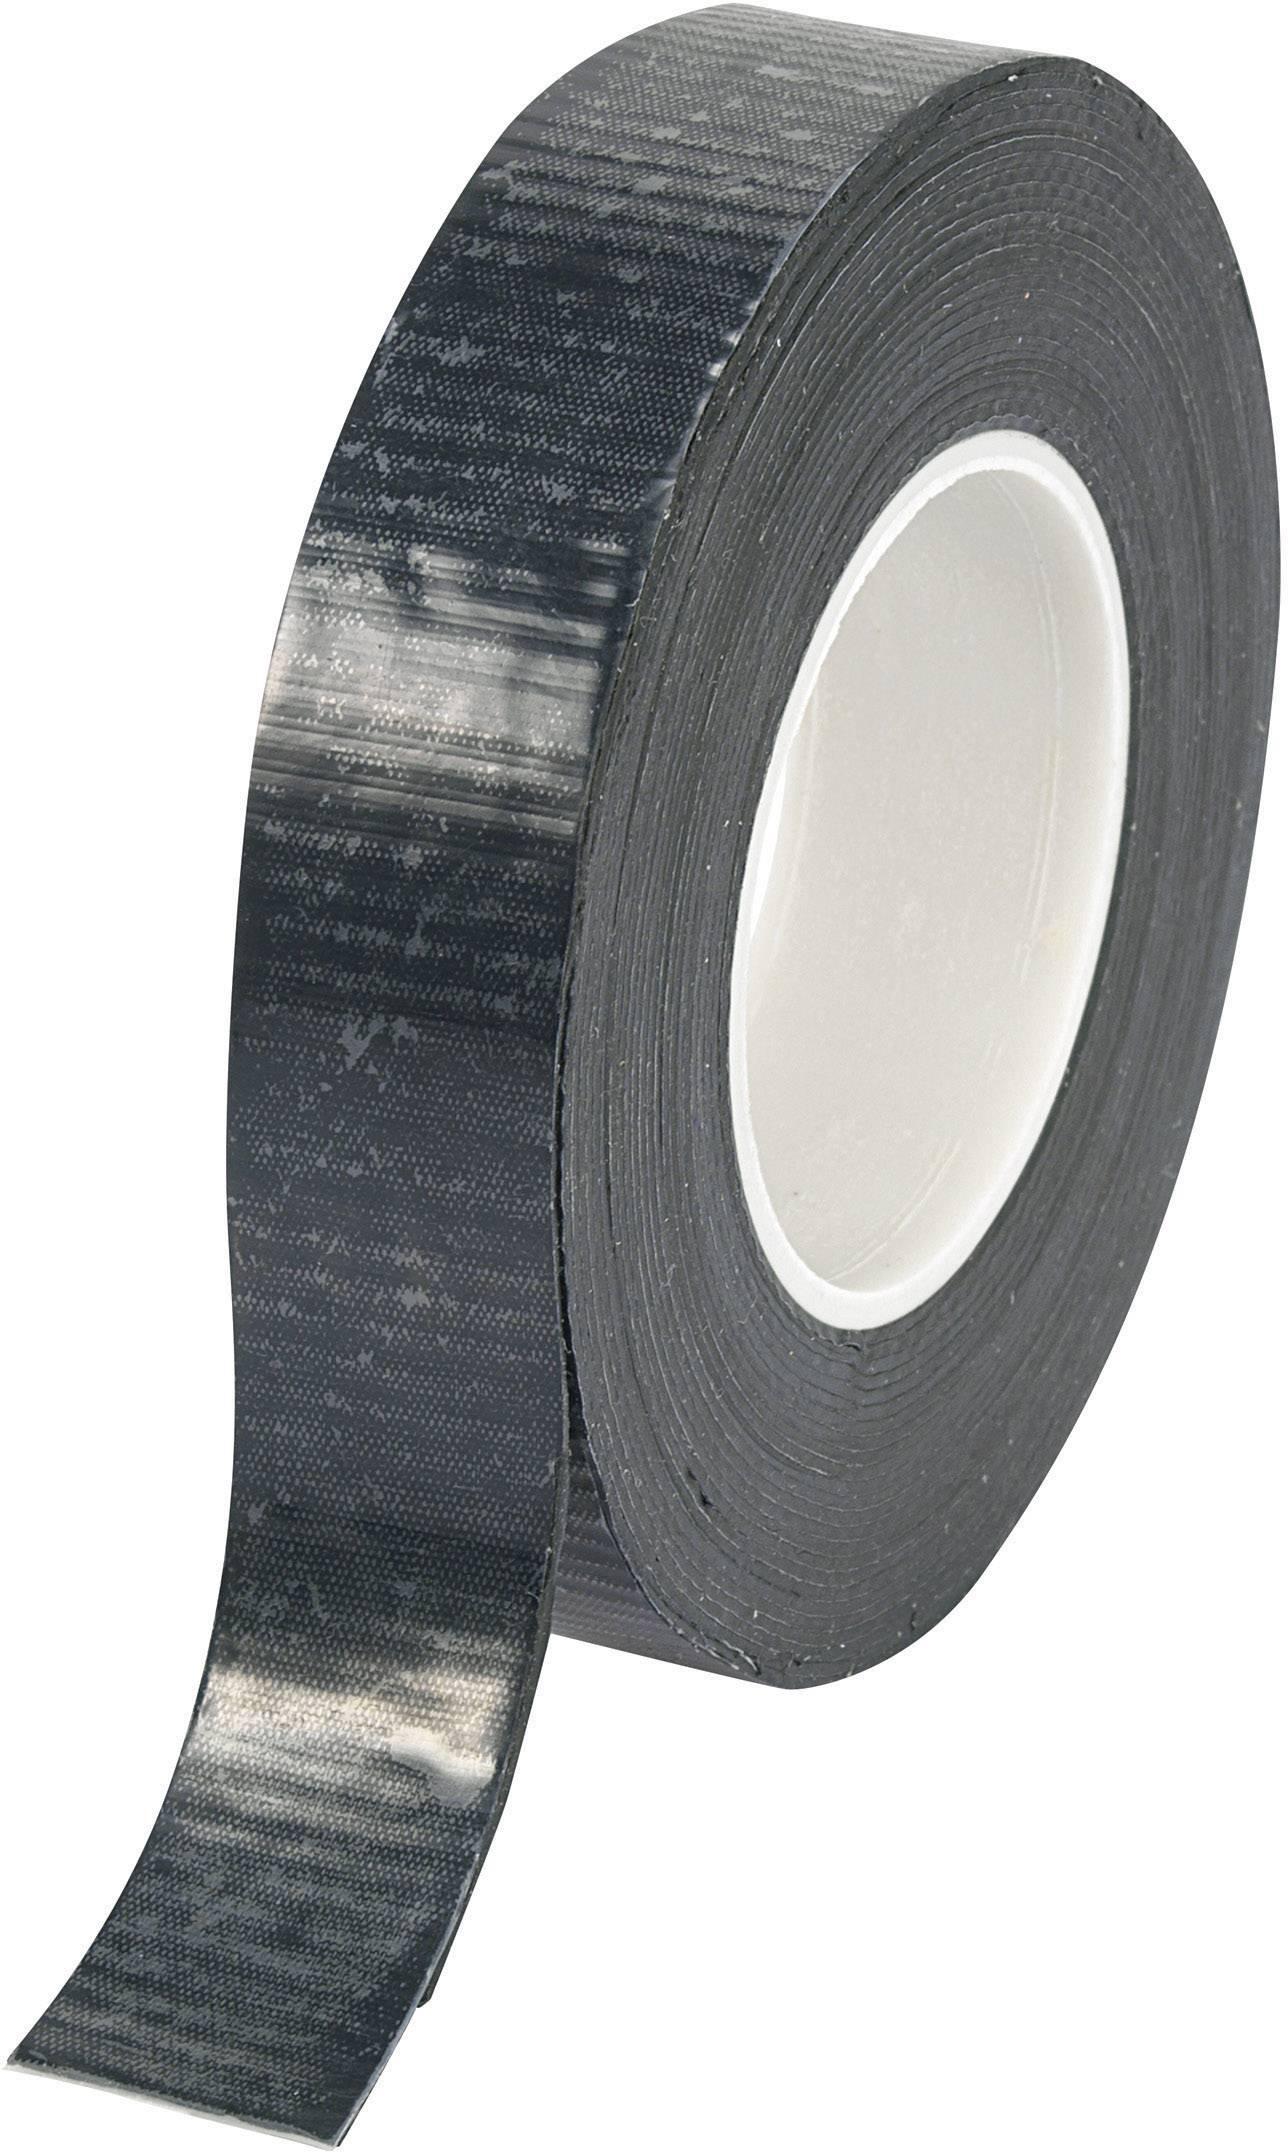 Inštalačné izolačná páska Conrad Components RT195M 542662, (d x š) 5 m x 19 mm, čierna, 1 roliek